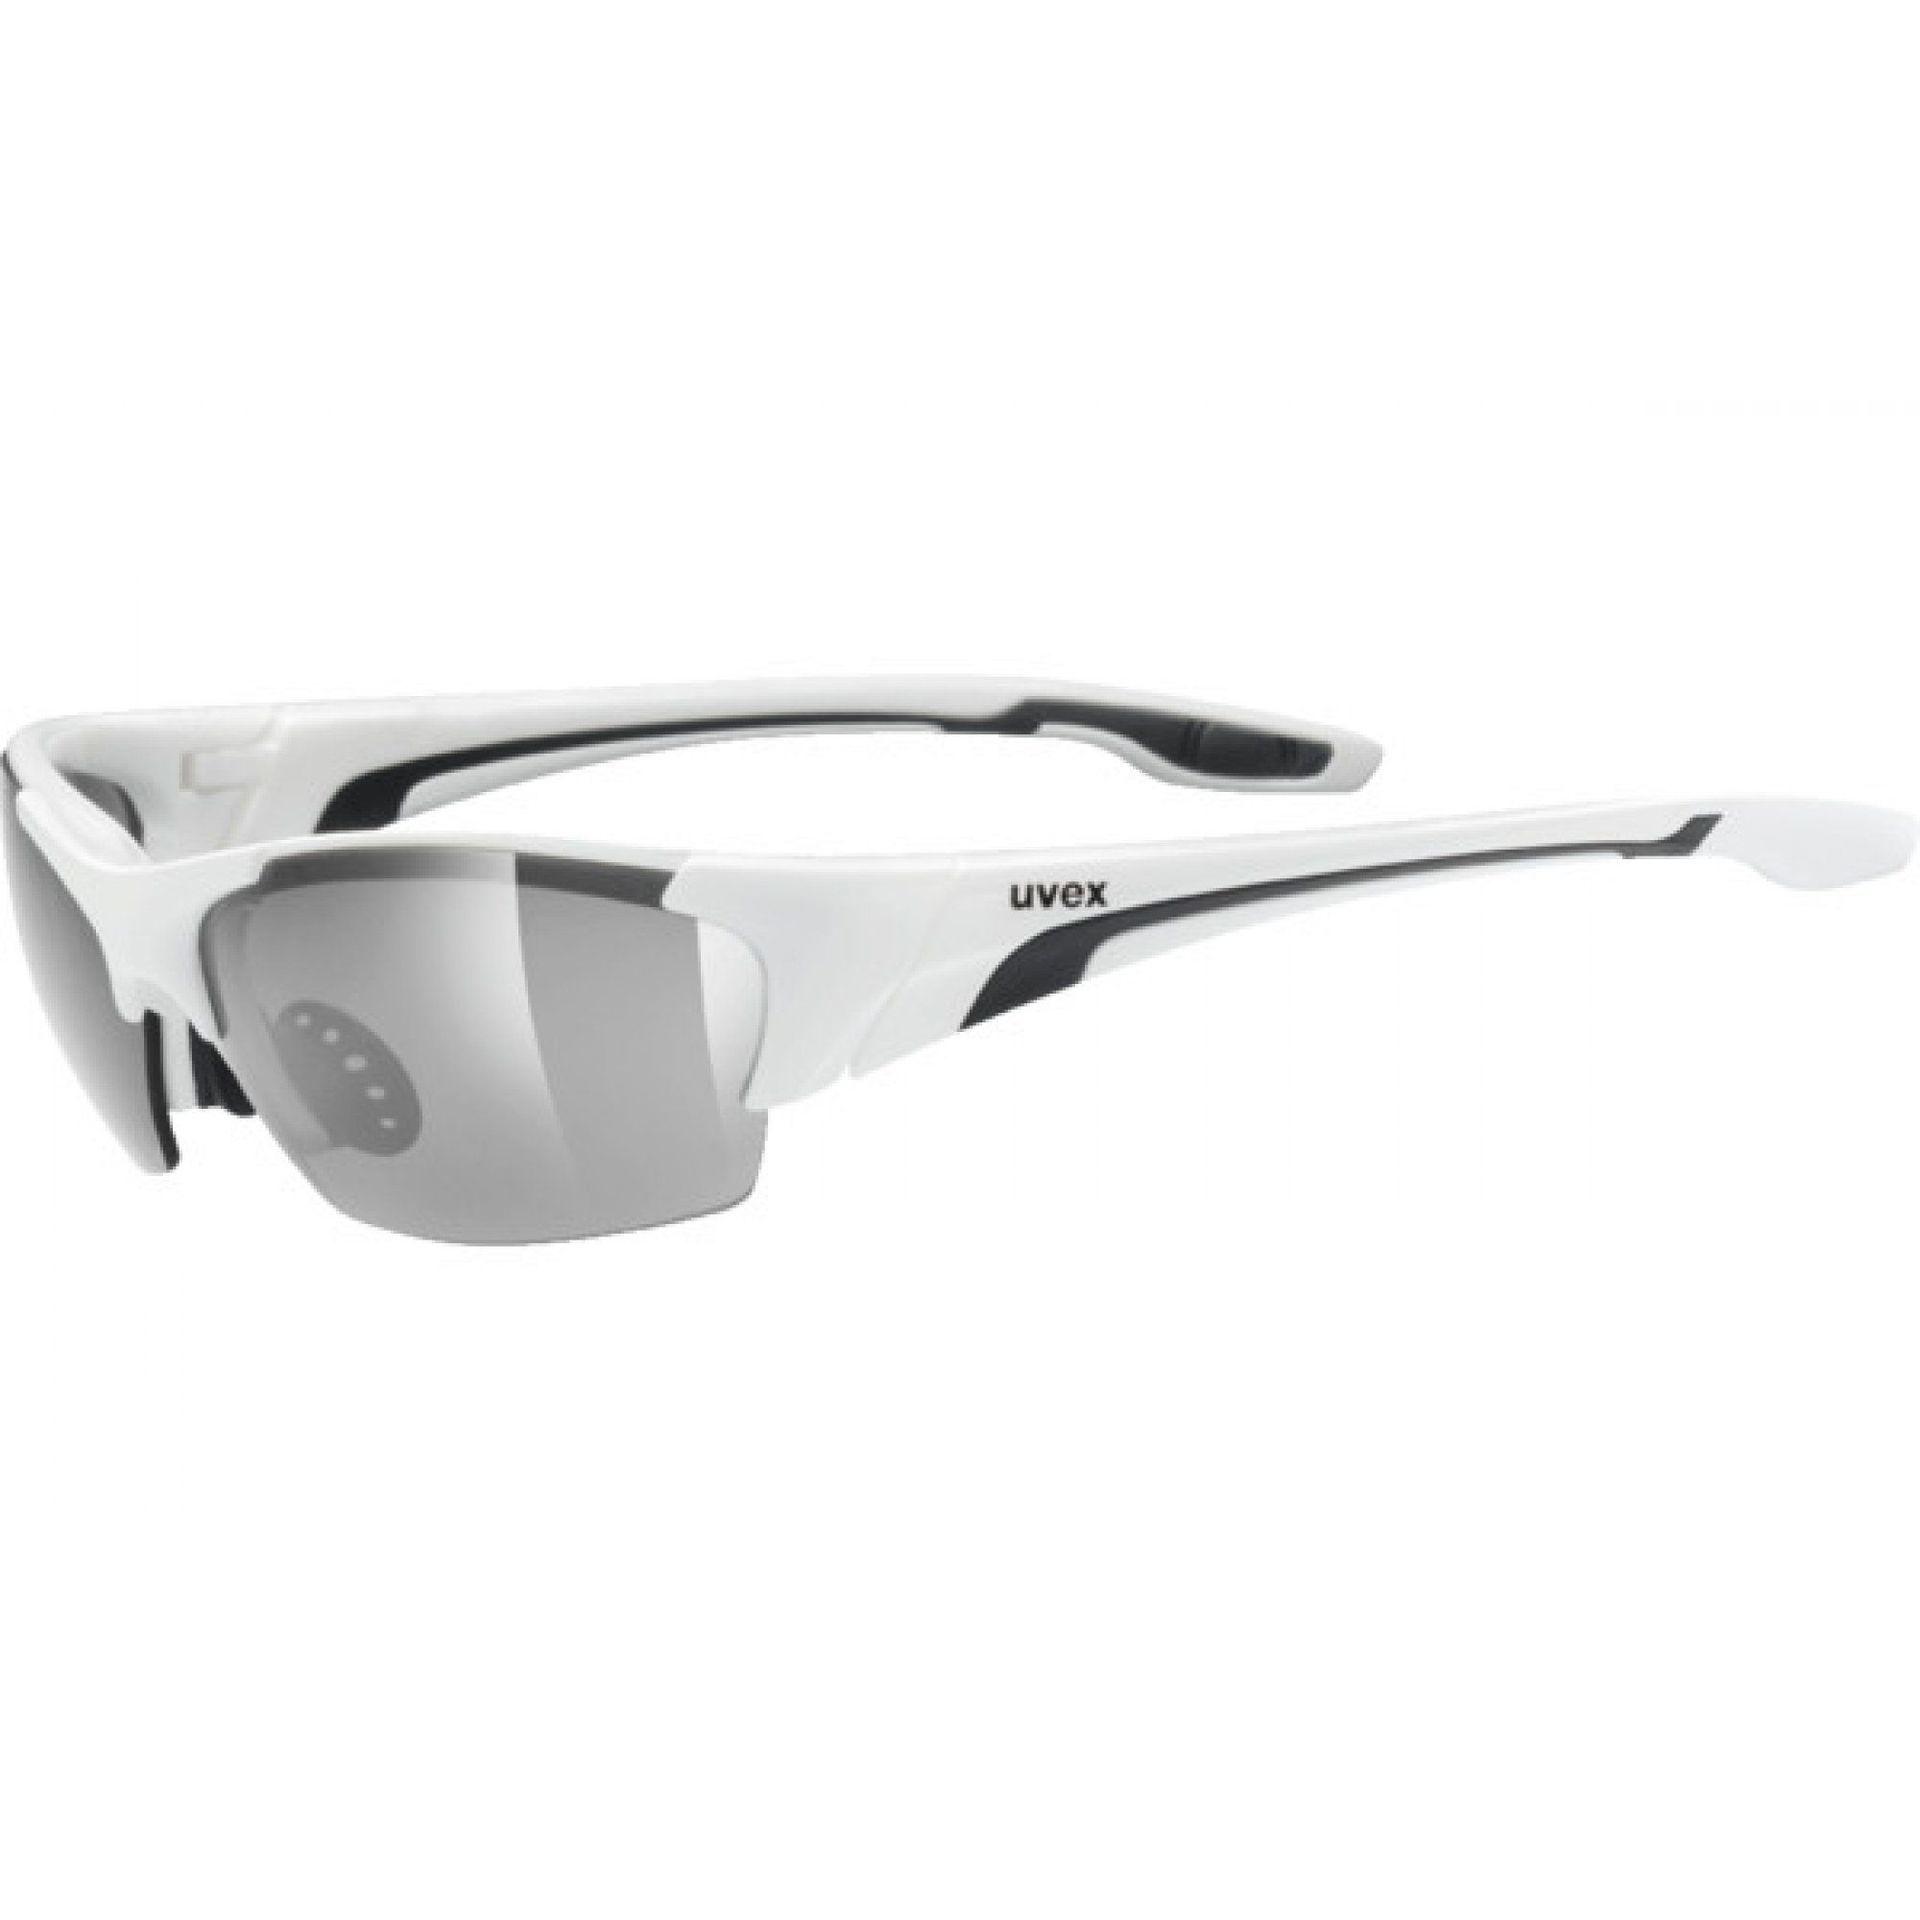 OKULARY UVEX BLAZE III 604|8216 WHITE|BLACK